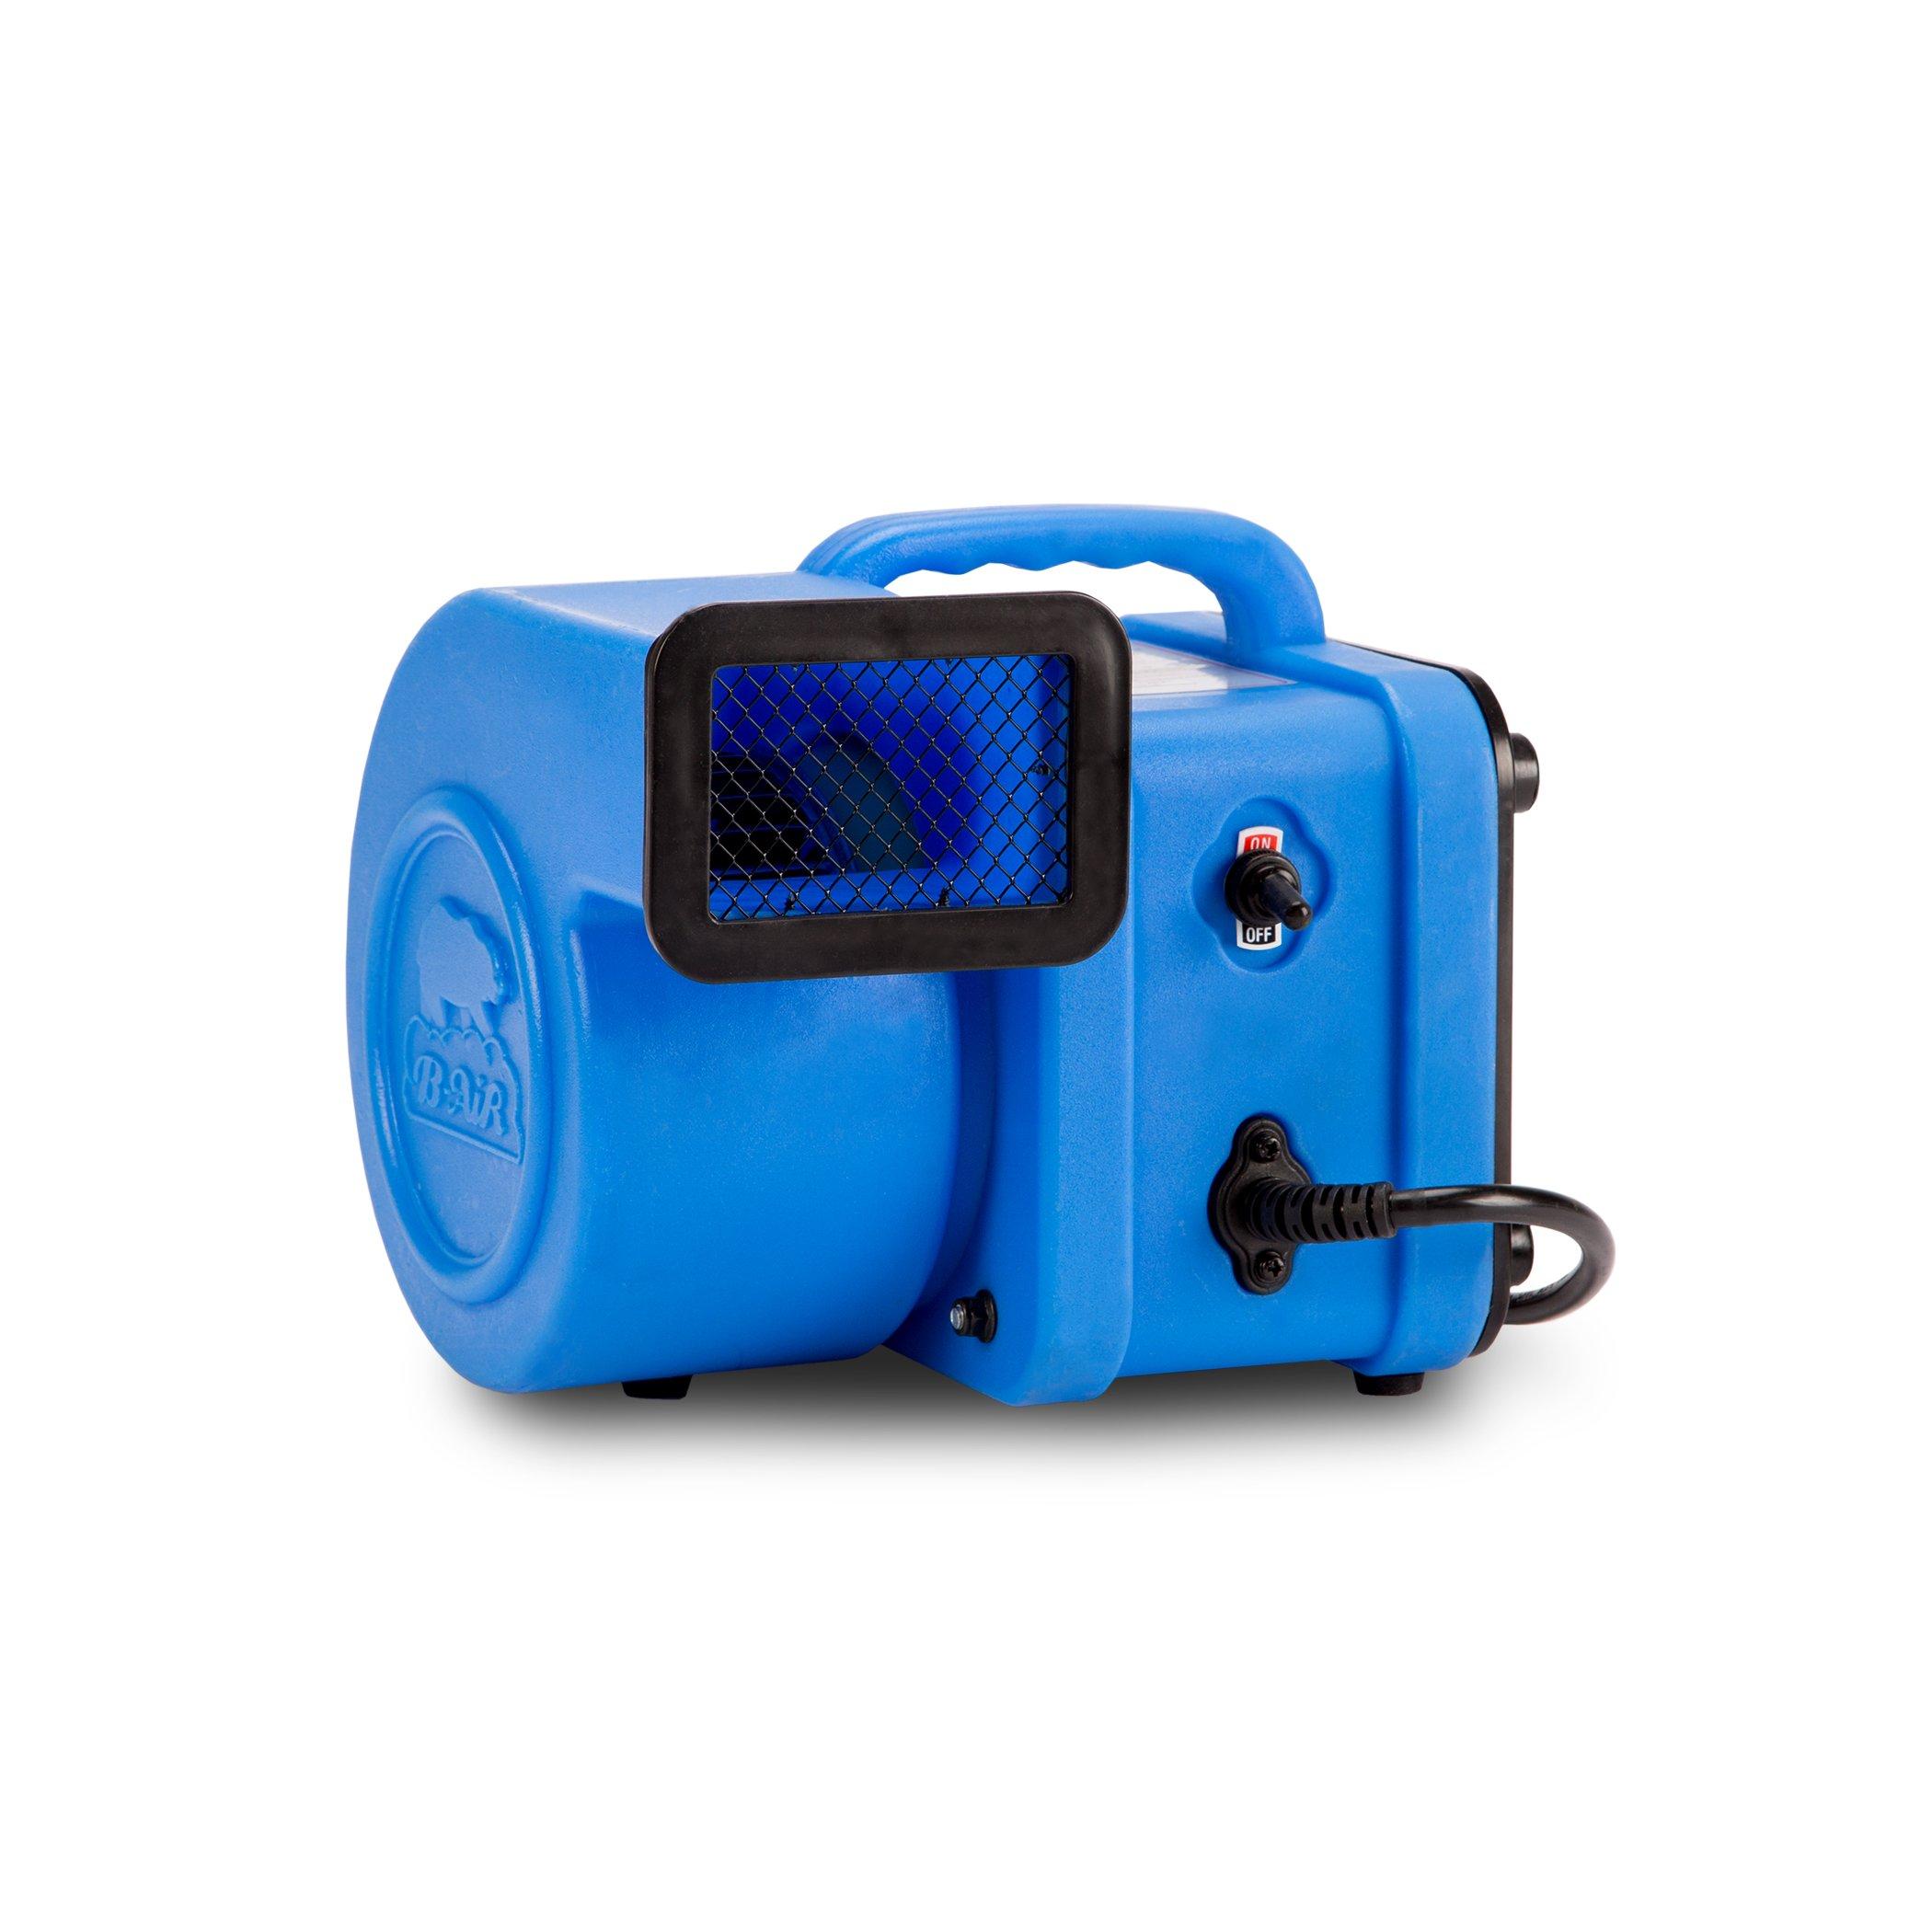 B-Air Flex 1/4 Blue, Flex Mini Air Mover, 1/4 hp, Blue